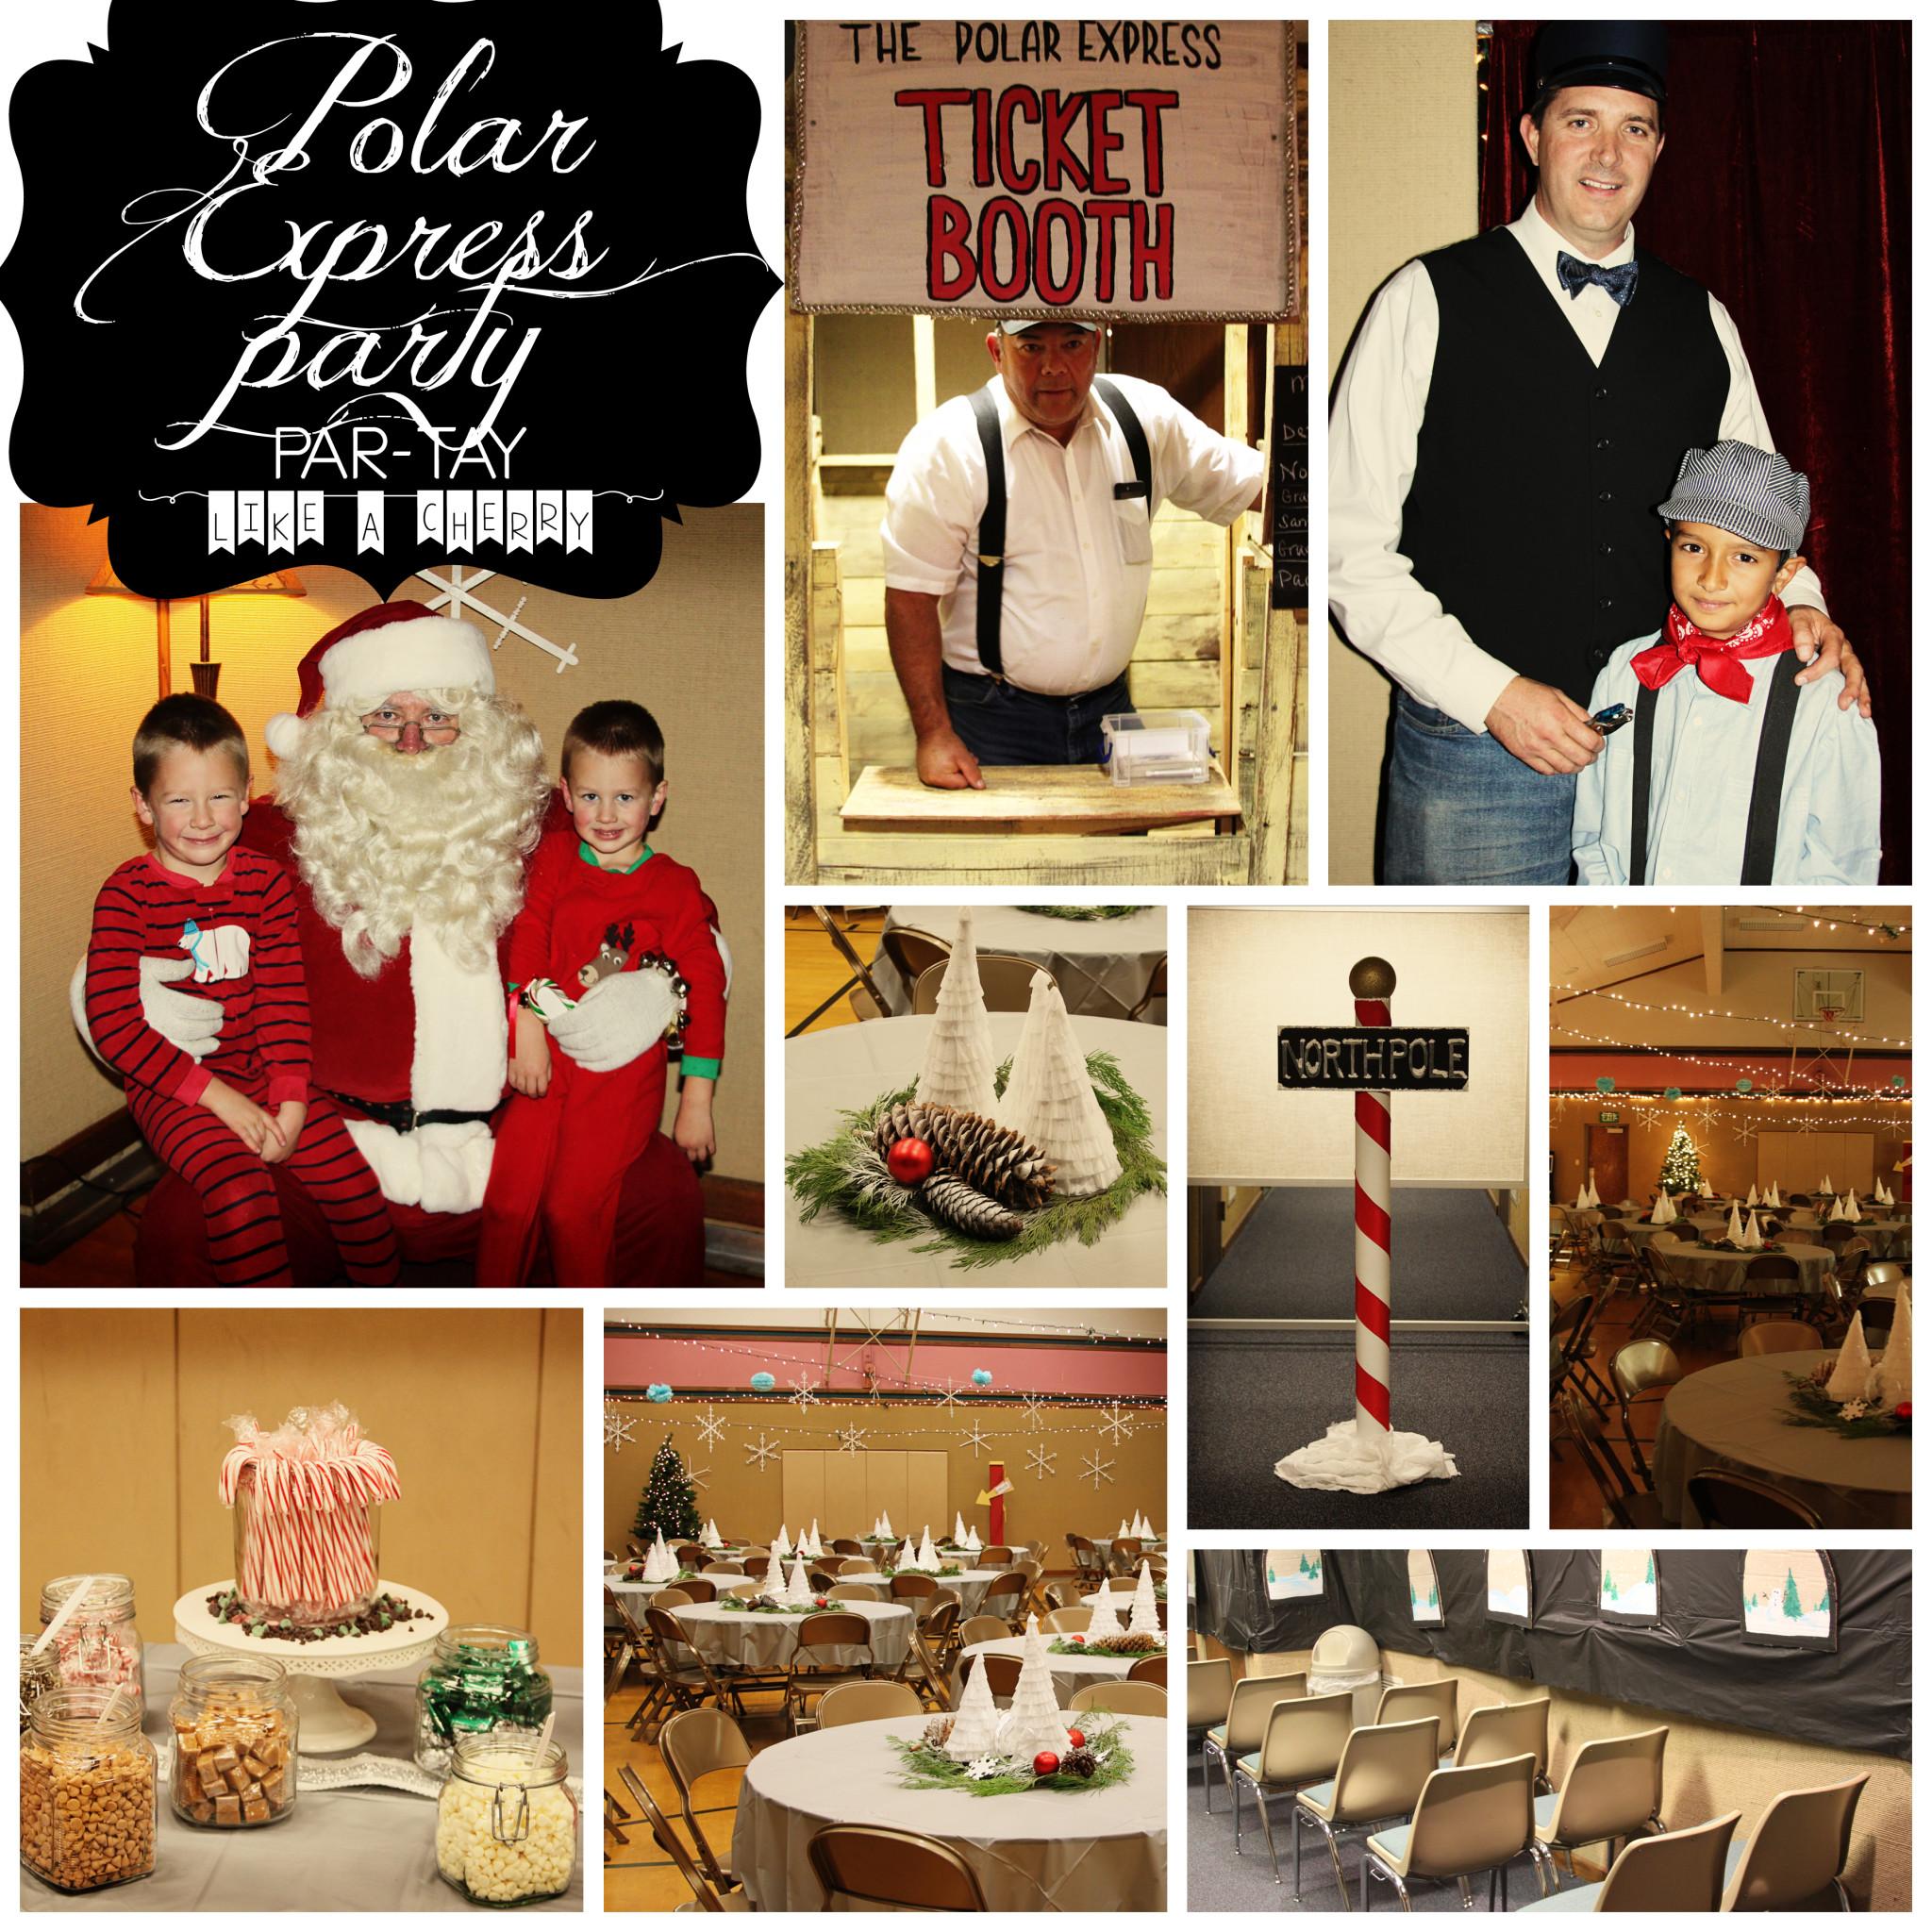 polar express party collage